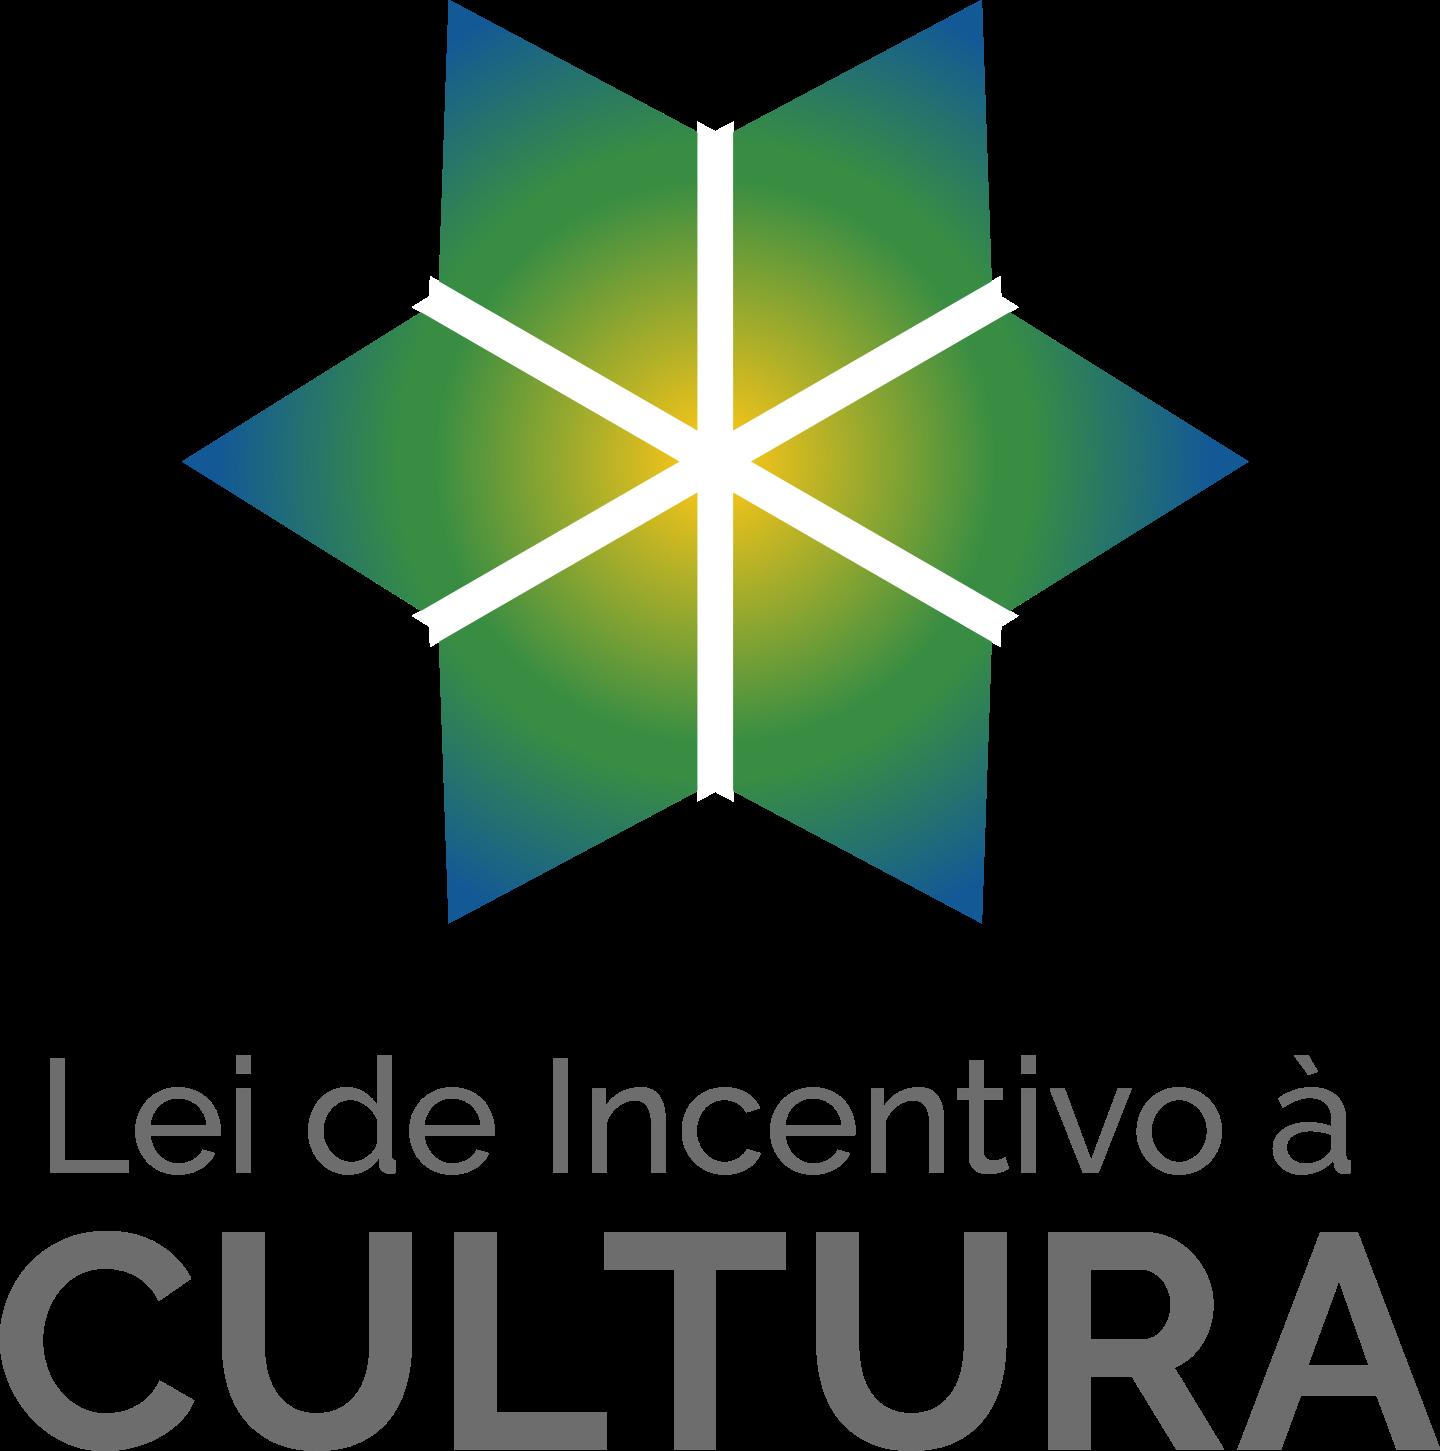 lei de incentivo a cultura logo 2 1 - Lei de incentivo à cultura Logo